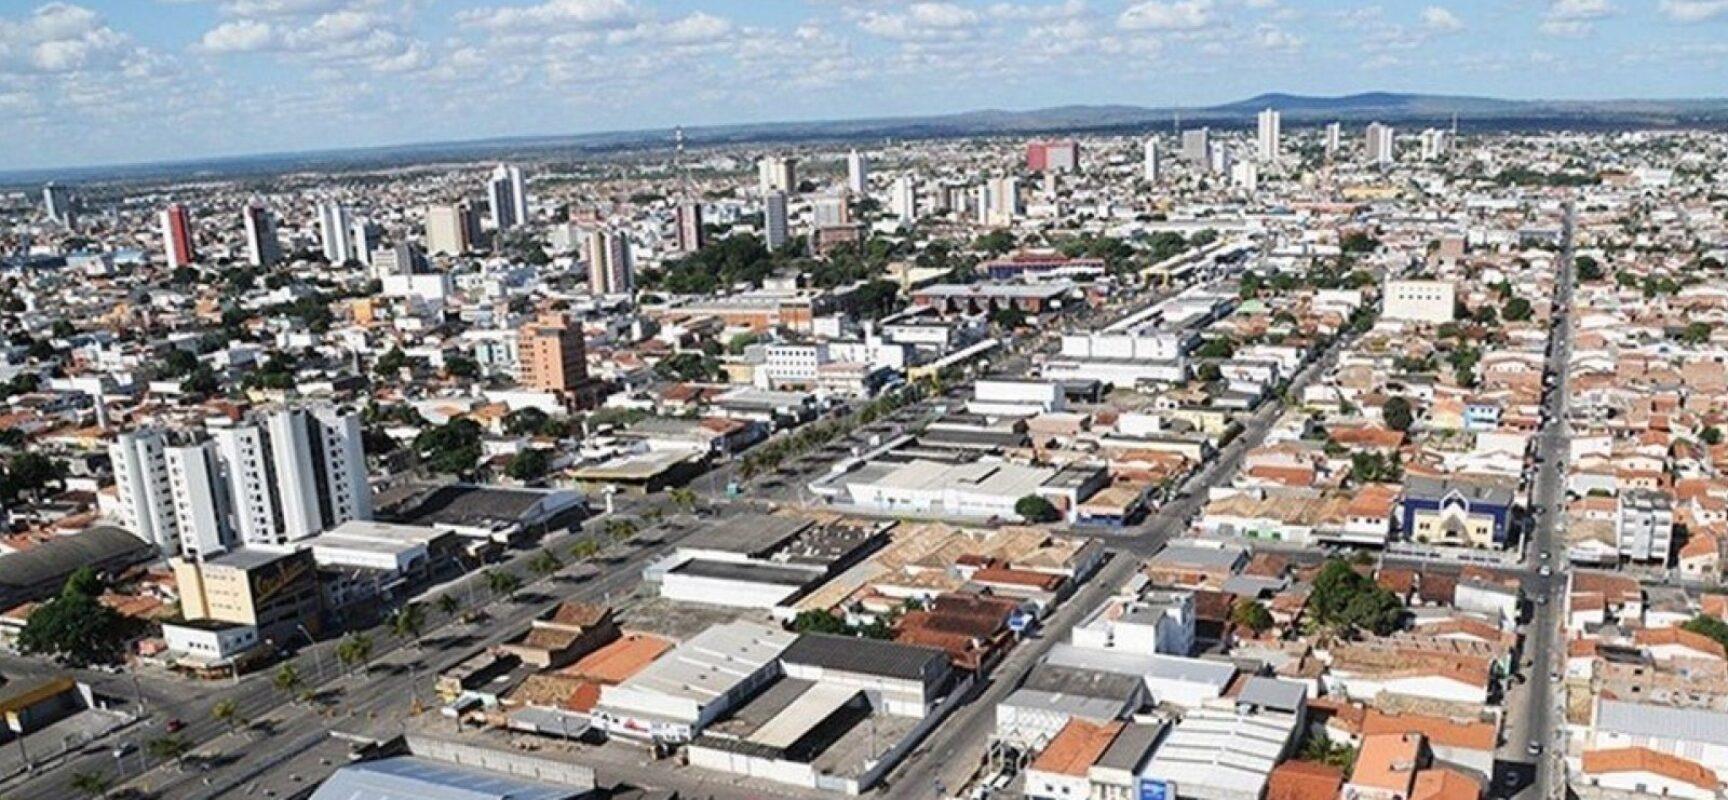 Mexicanos põem Feira no top 10 das cidades mais violentas; SSP contesta números